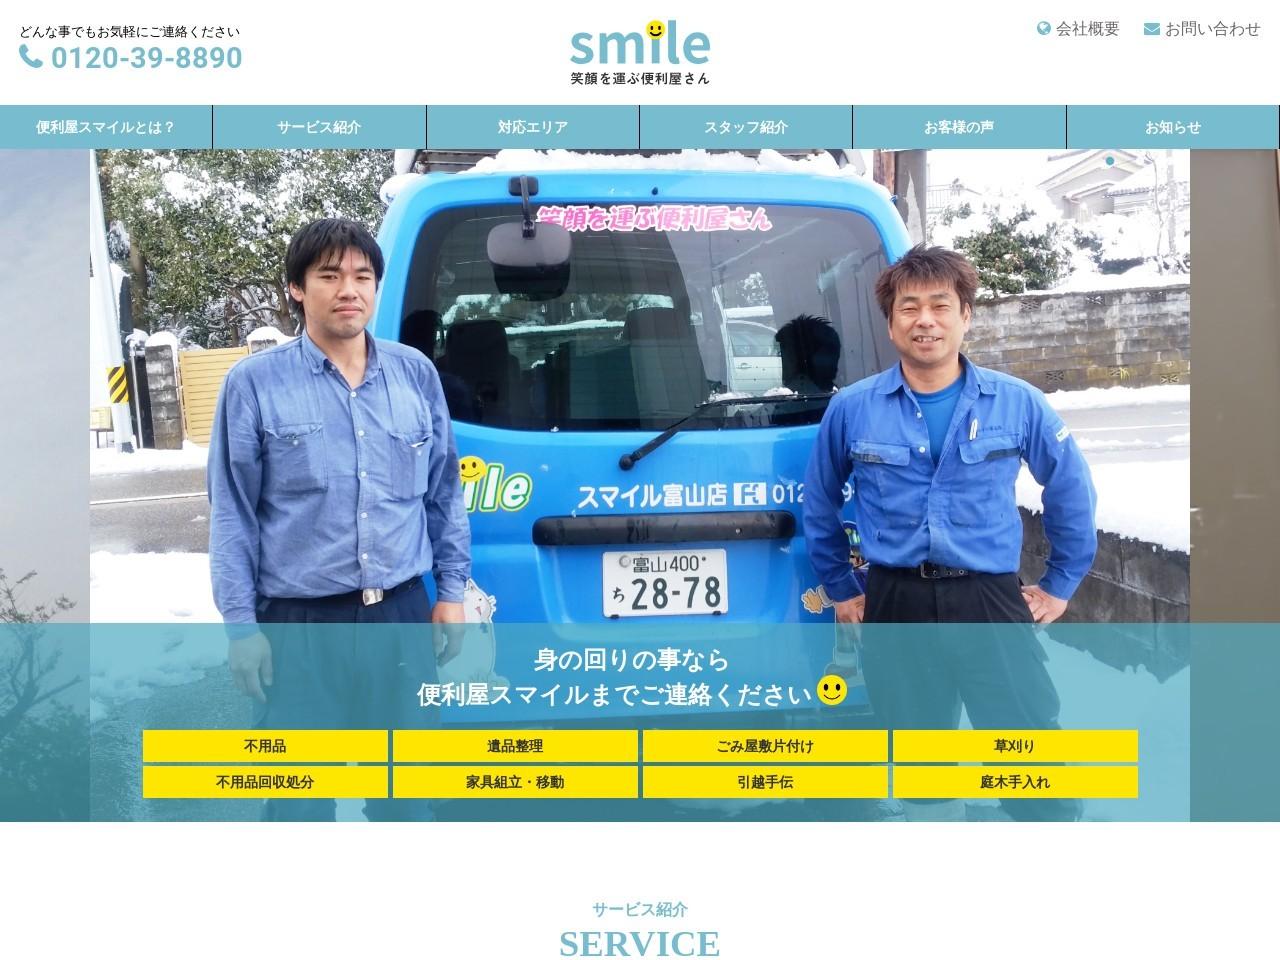 スマイル富山店